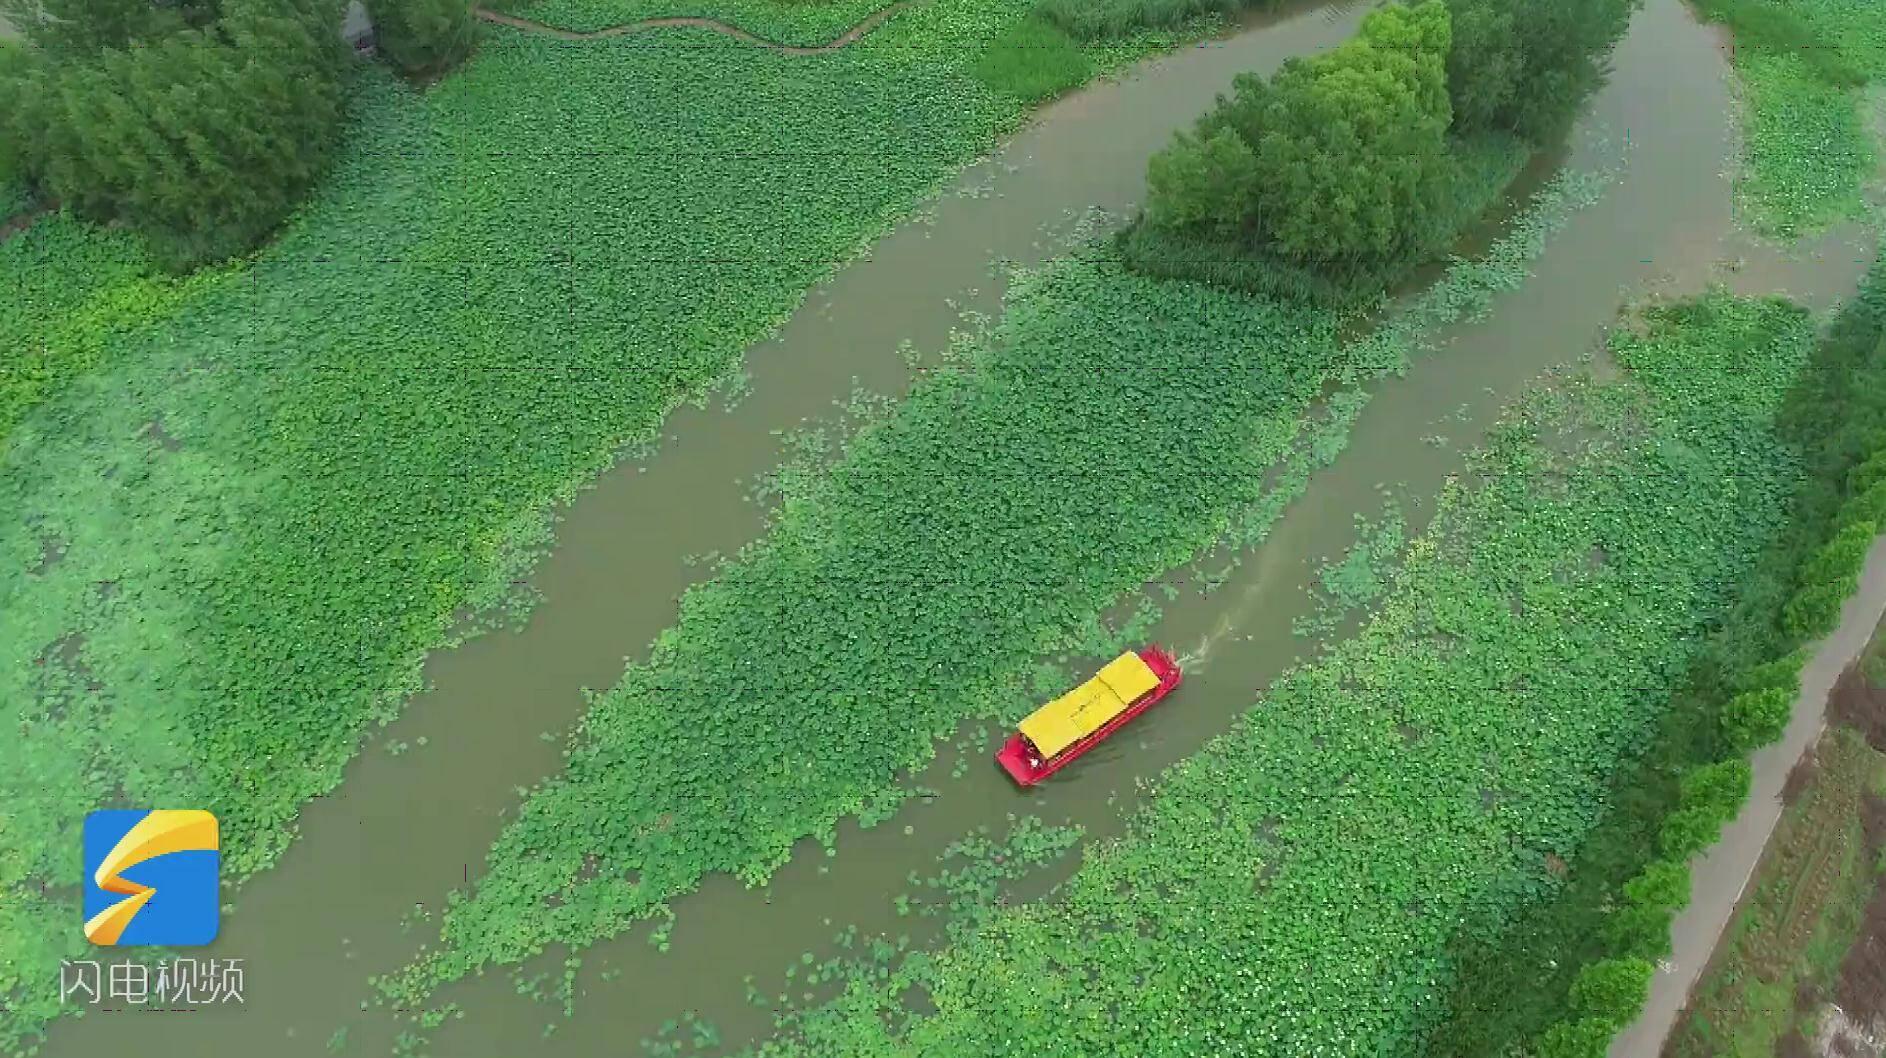 莲叶接天荷花映日 台儿庄运河湿地公园万亩荷花含苞待放